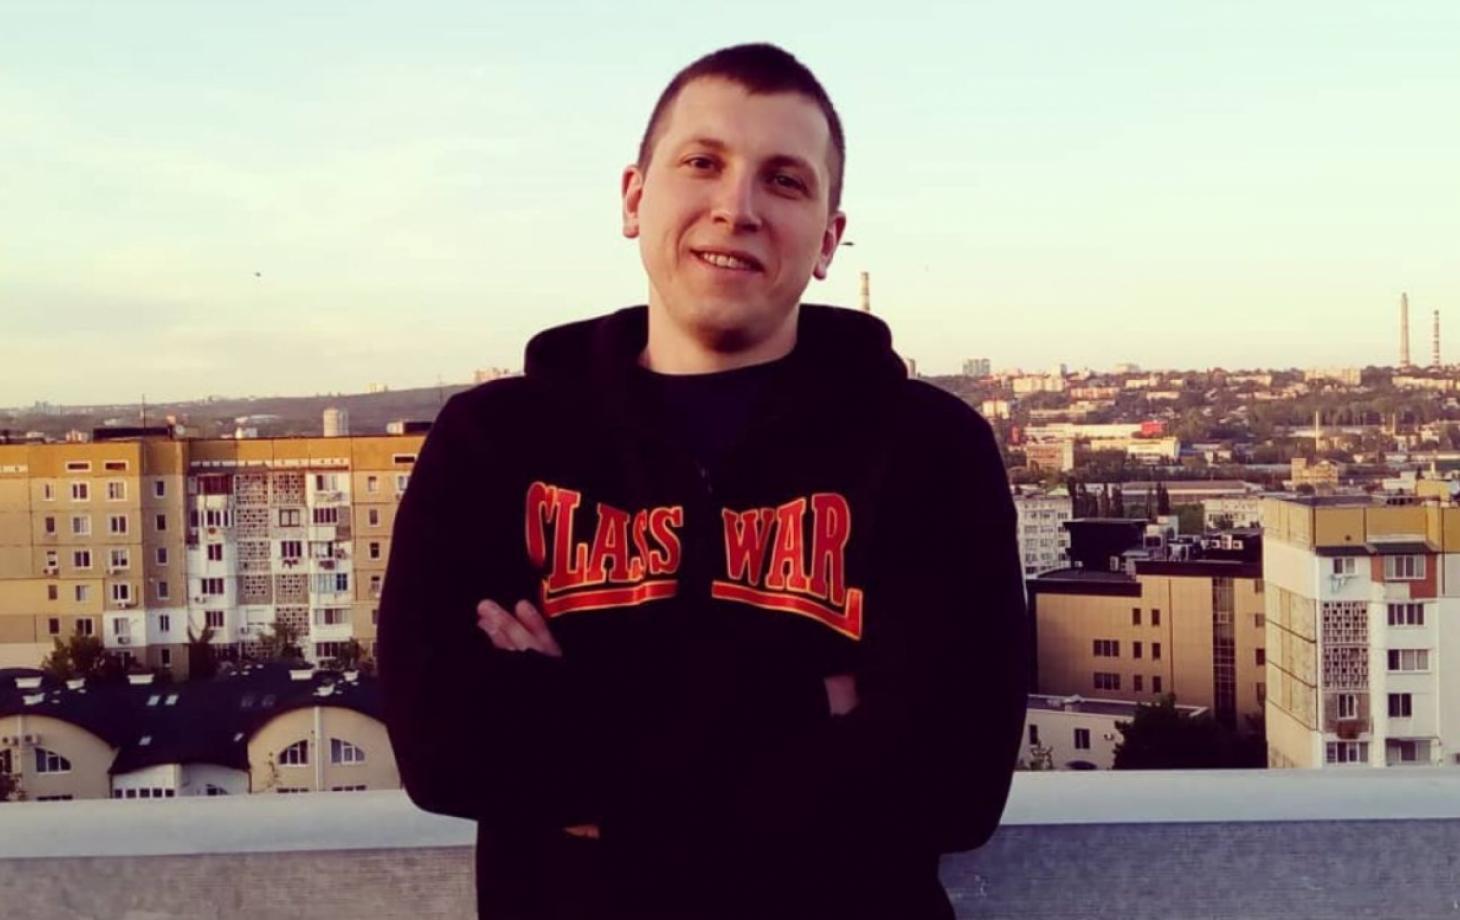 Вышел первый выпуск видеоблога Григорчука: Депутатская кормушка. Куда уходят деньги народа?